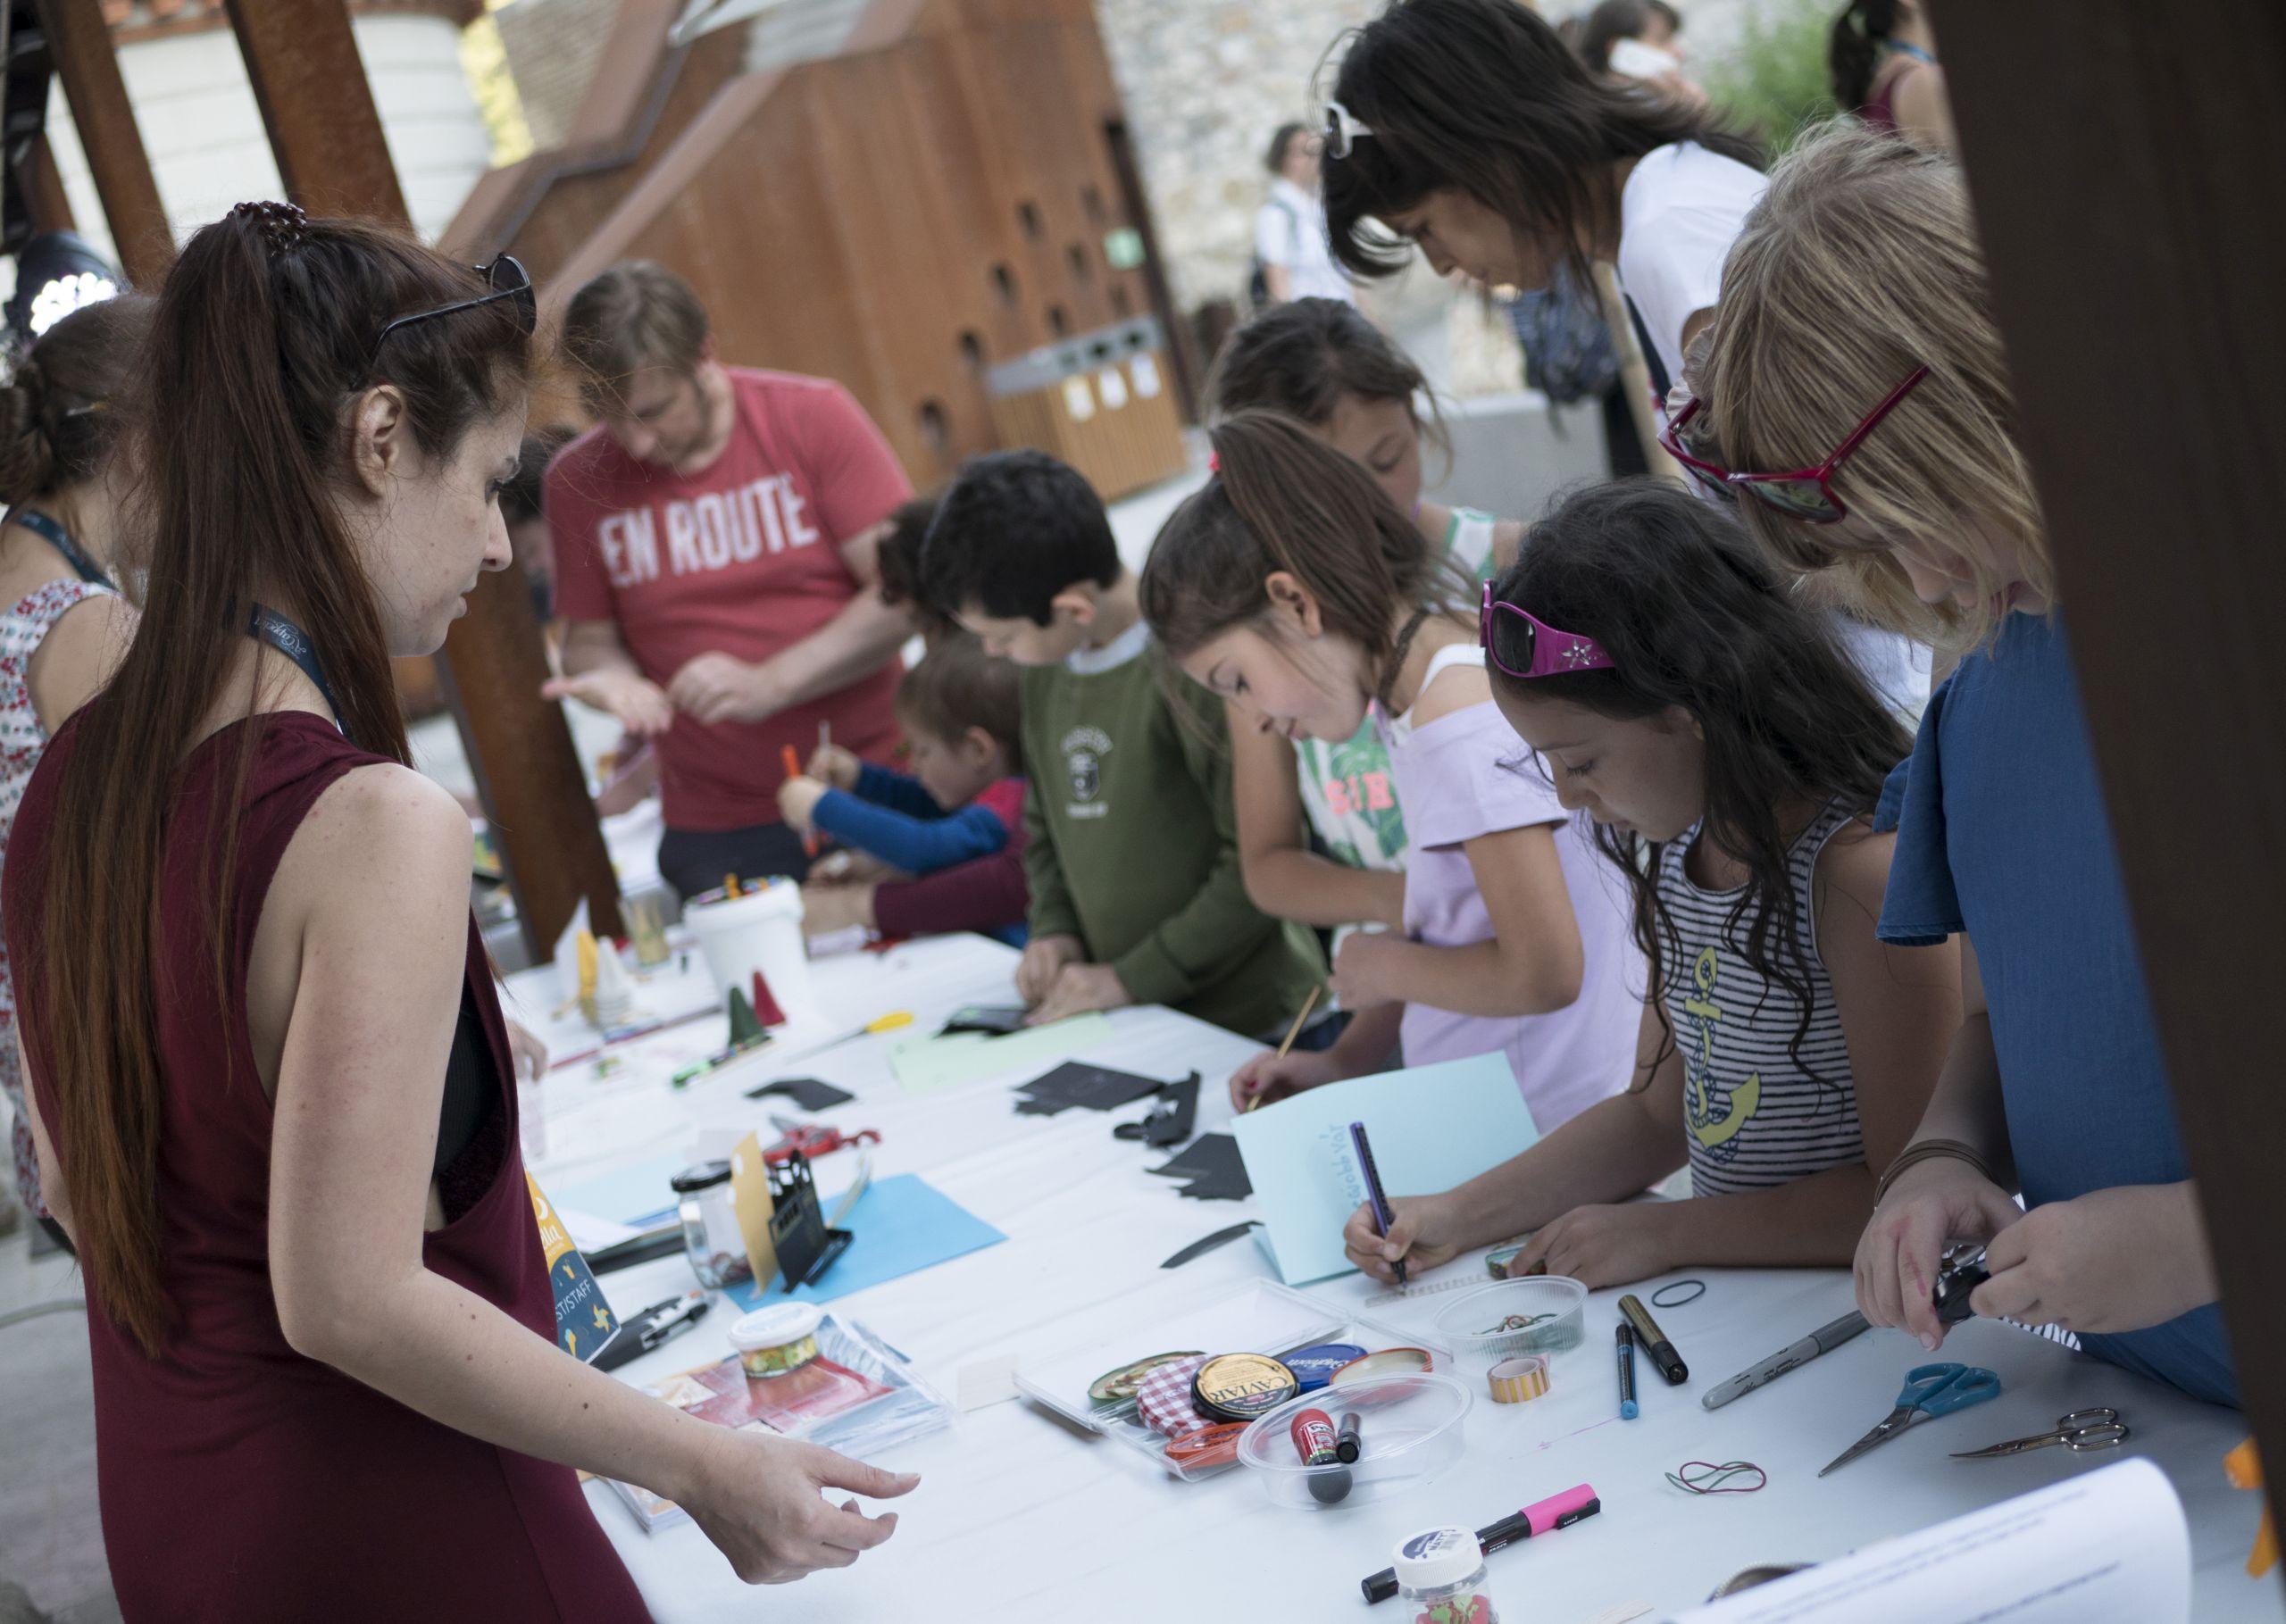 Fotó: Vargha Máté<br />A gyerekprogramokról bővebben:<br />http://hangveto.blog.hu/2017/06/02/jatssz_a_zenevel